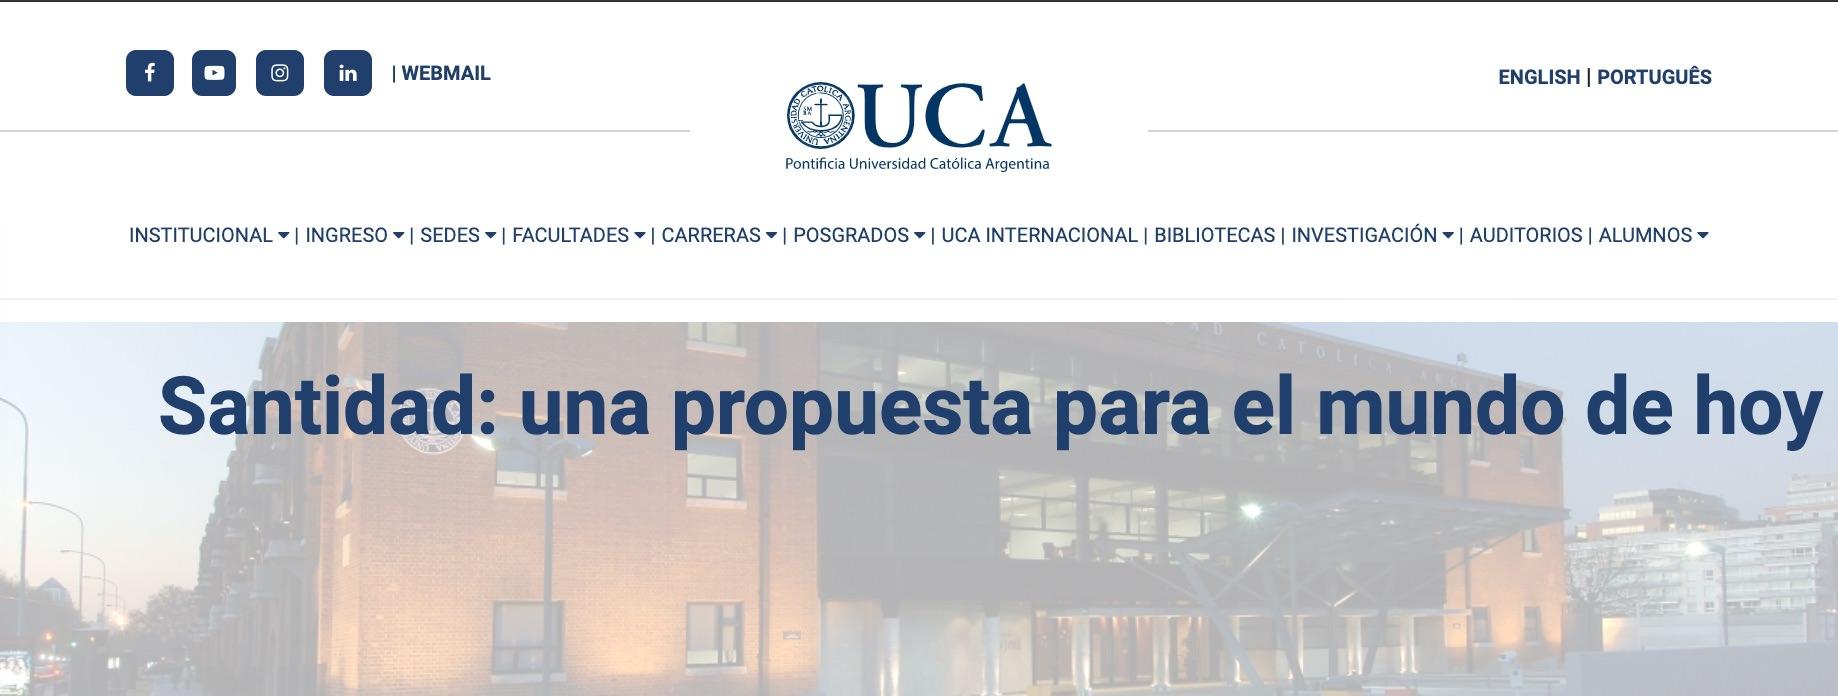 UCA.jpg